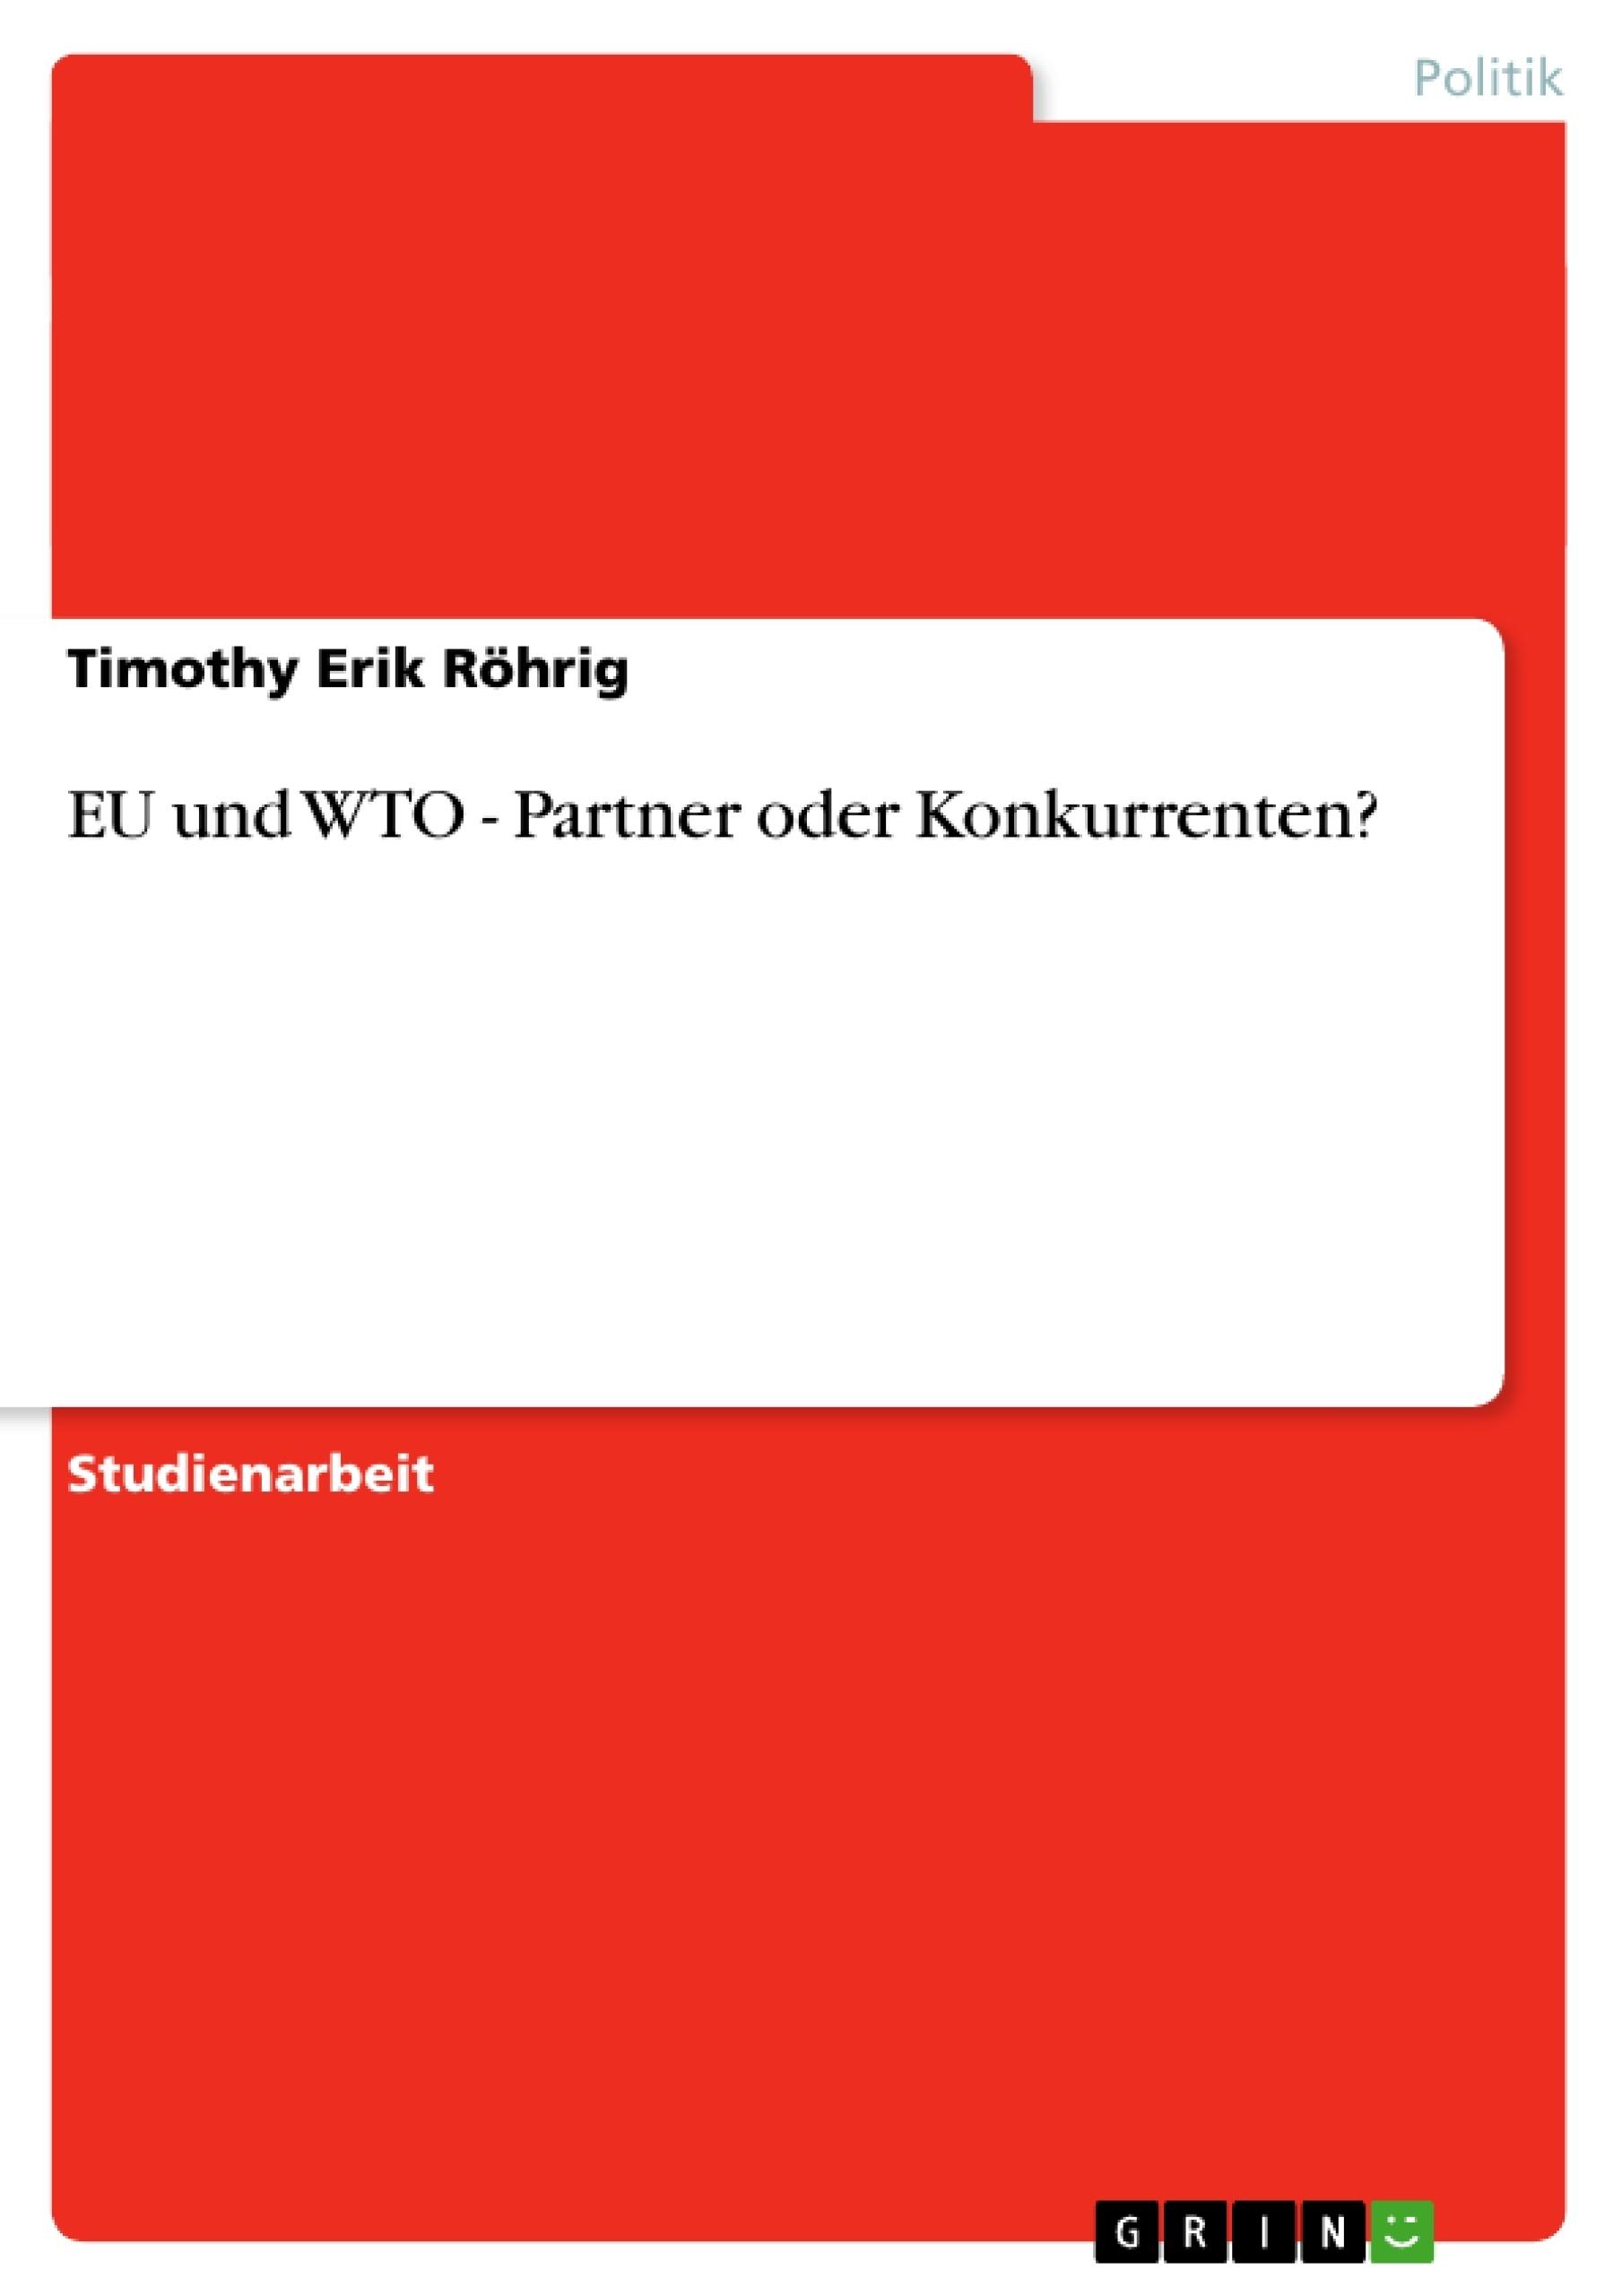 Titel: EU und WTO - Partner oder Konkurrenten?